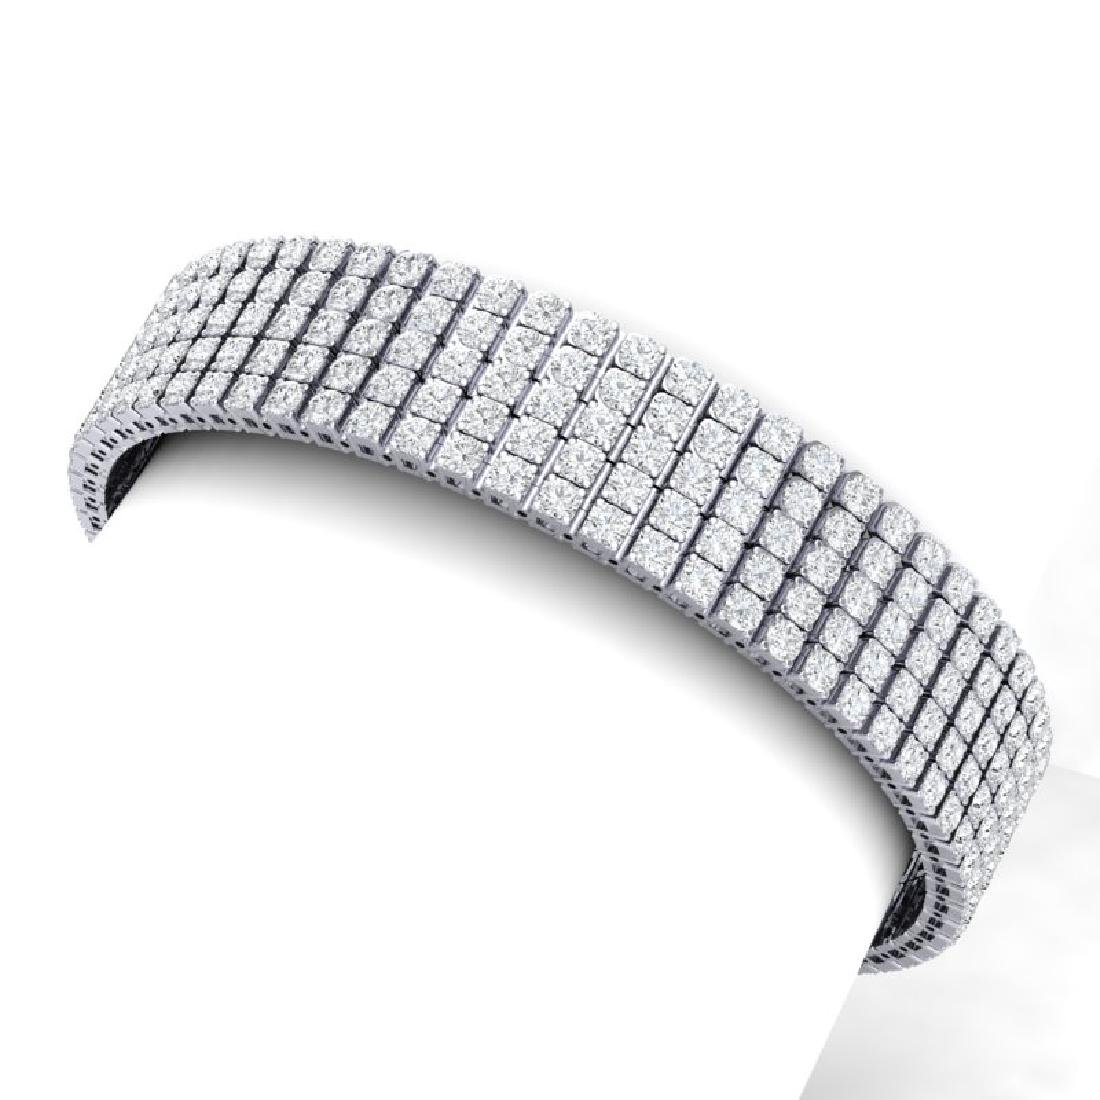 20 CTW Certified VS/SI Diamond Bracelet 18K White Gold